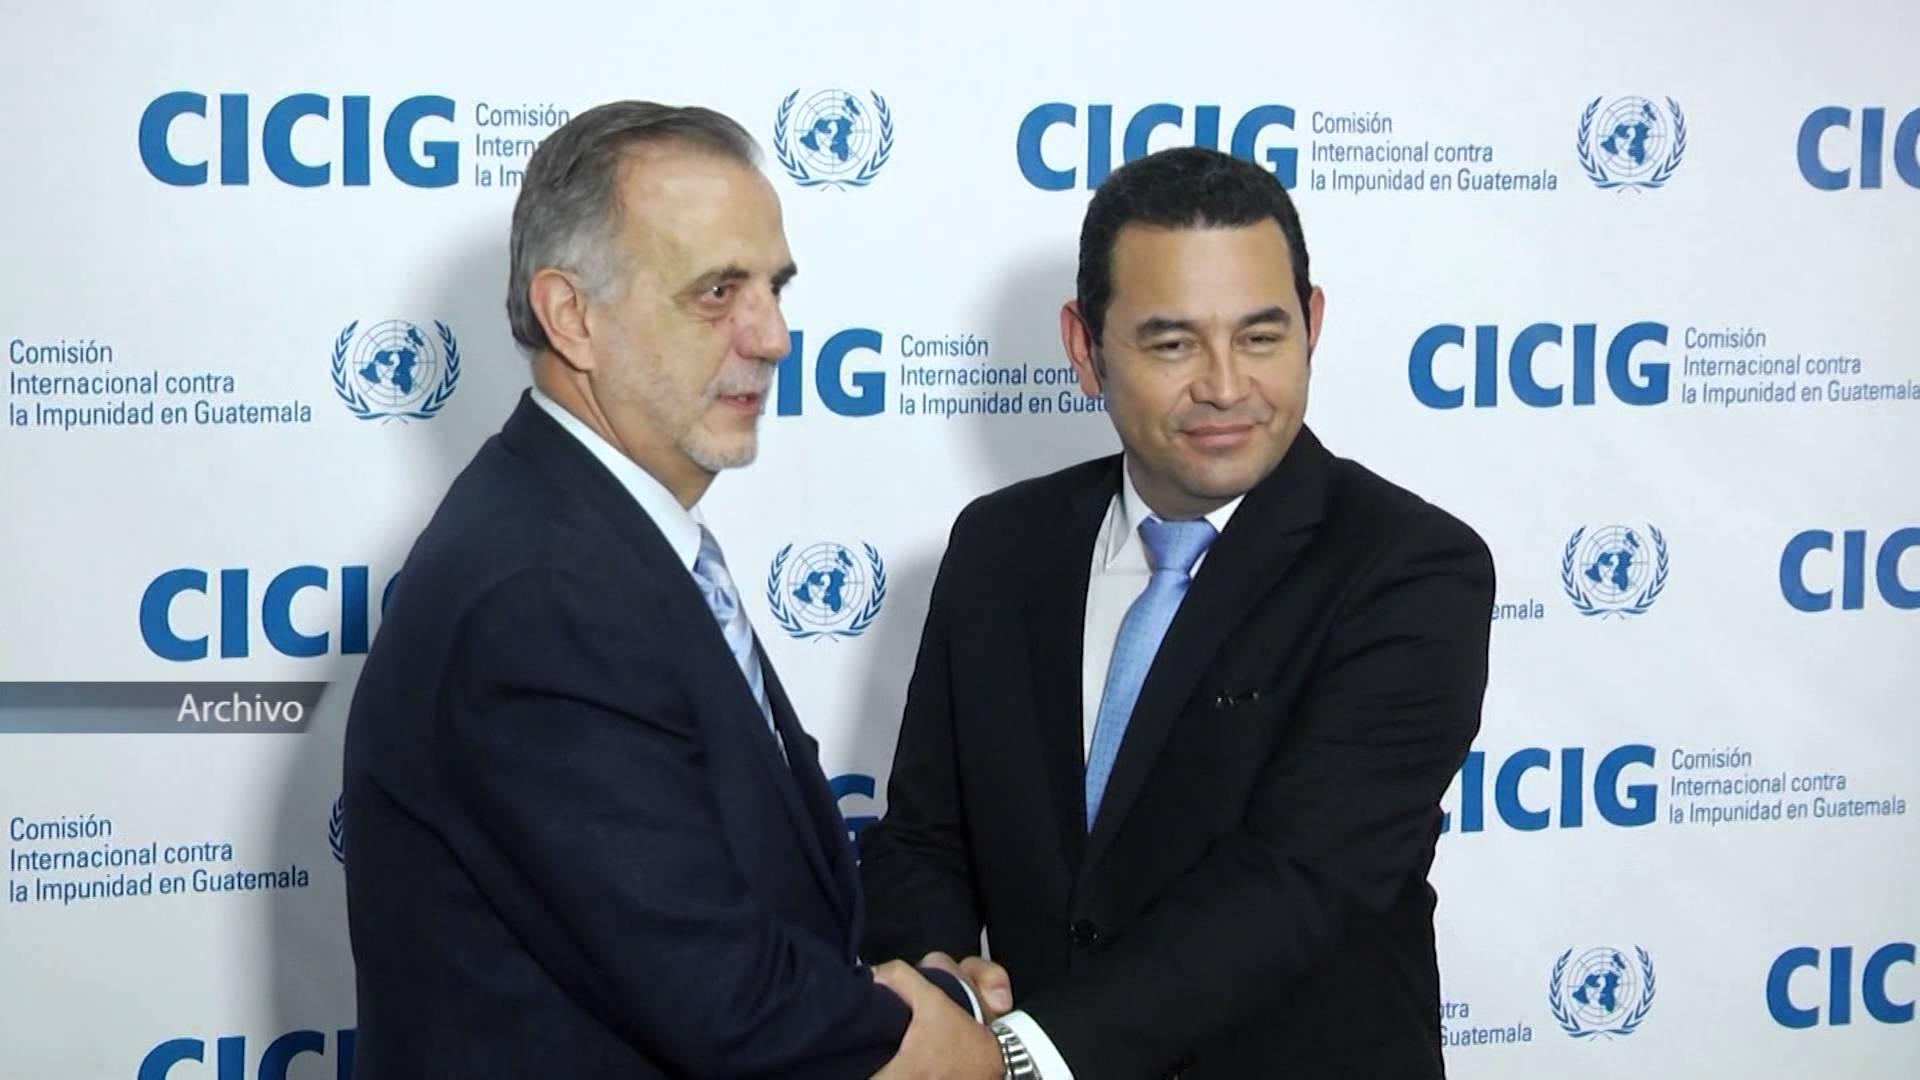 Gobierno revoca visas para intentar minar a la CICIG — Guatemala